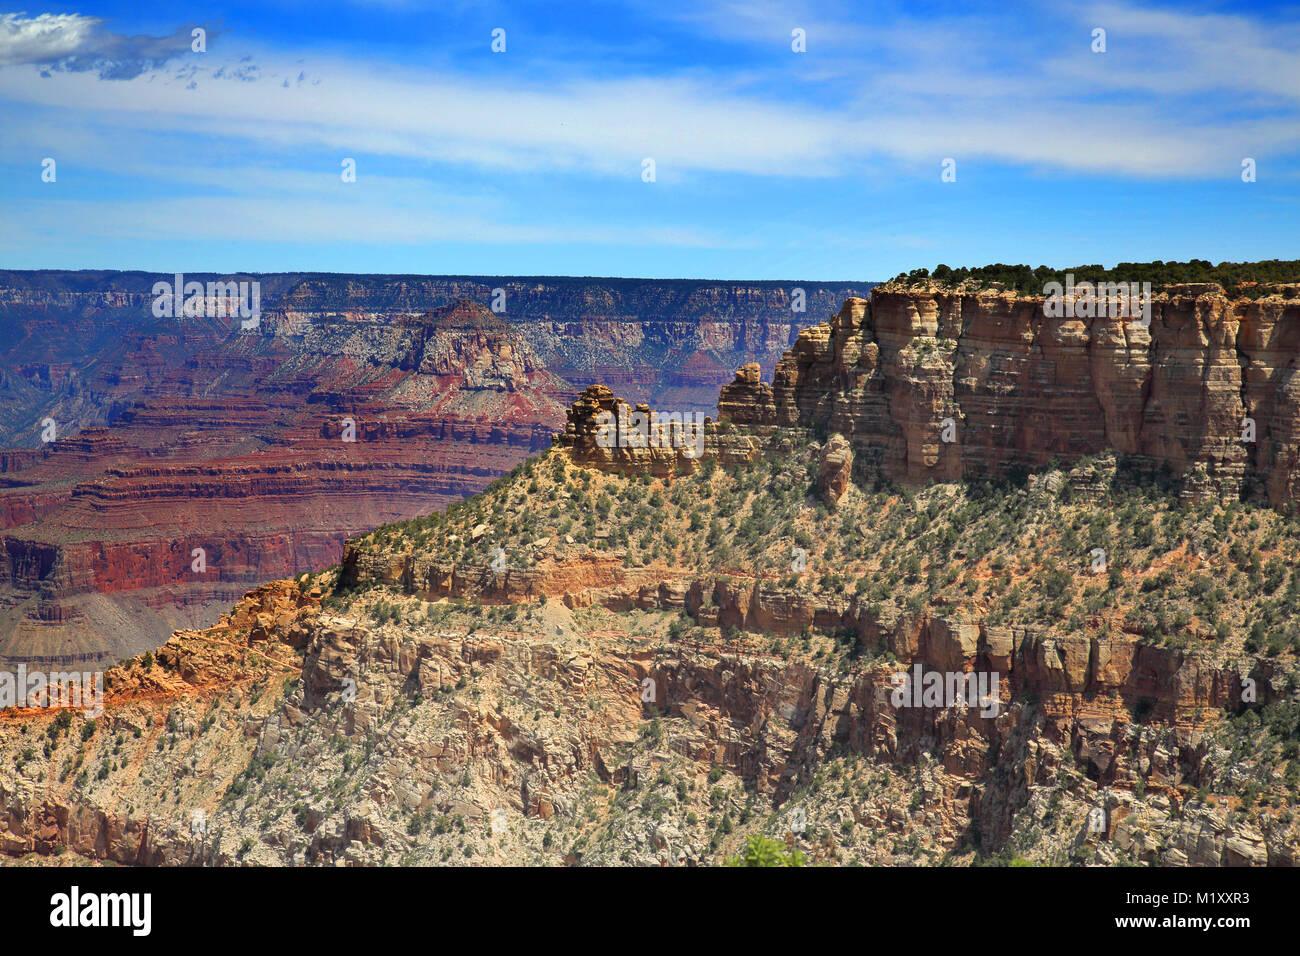 Les couleurs spectaculaires et les formations de la vue de la rive sud du Grand Canyon en Arizona Photo Stock